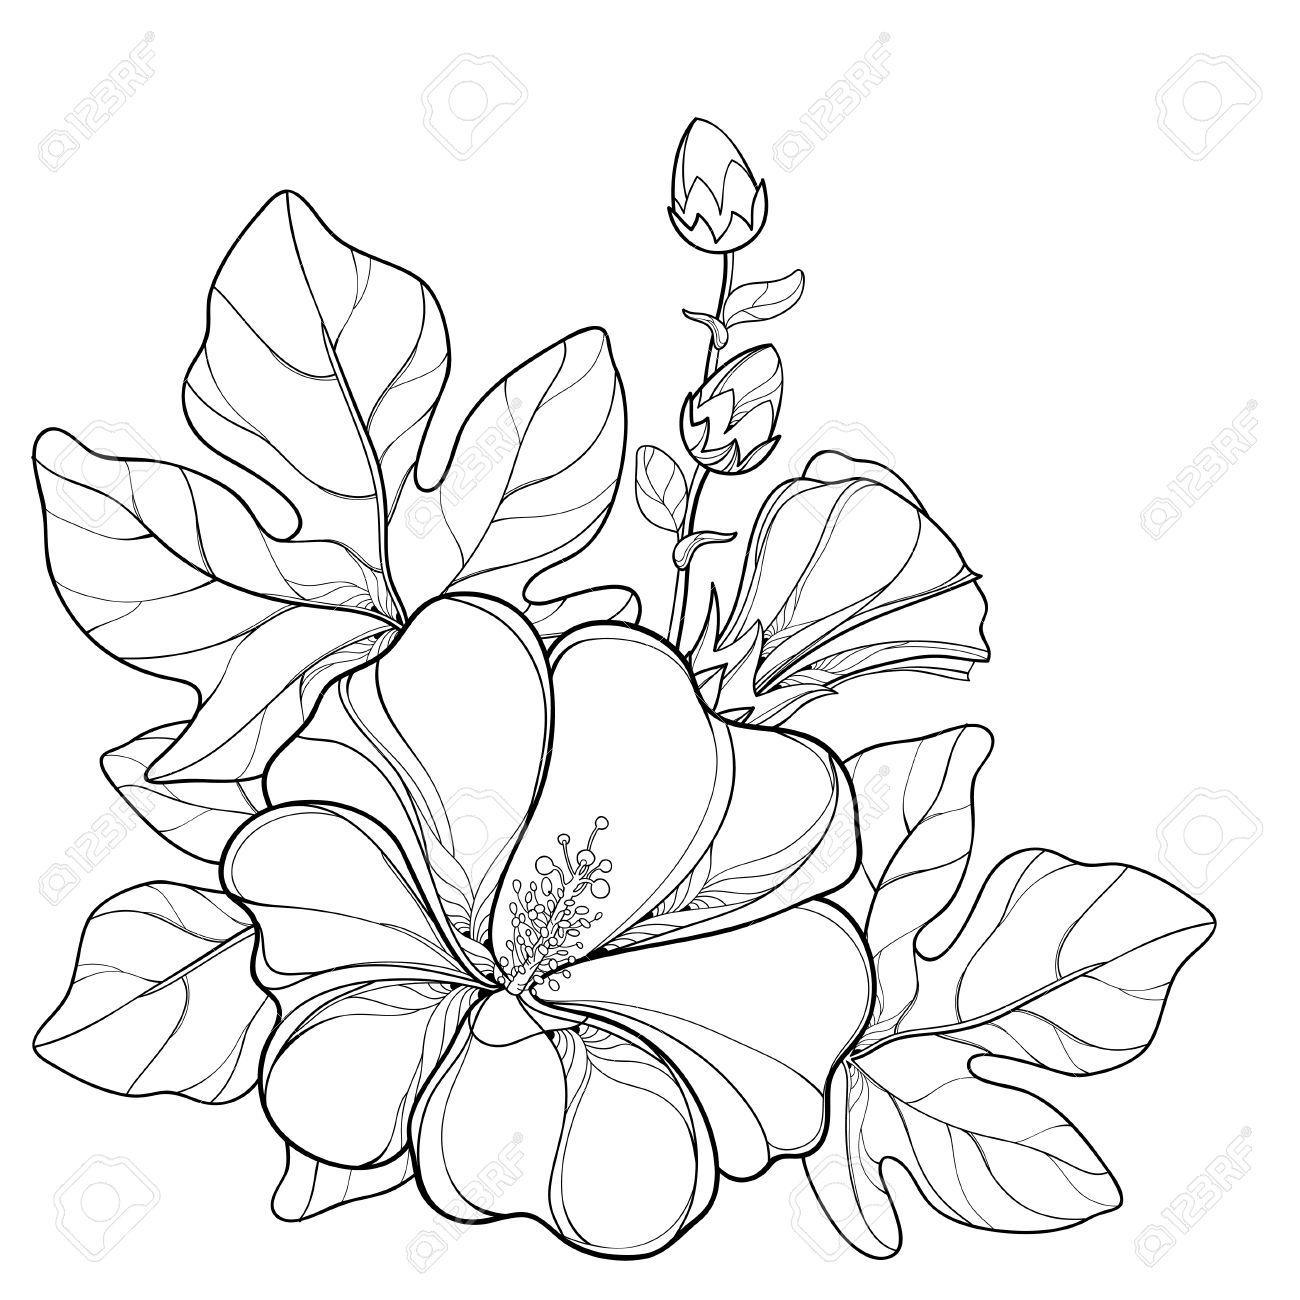 Coloriage Dun Bouquet De Fleurs.Bouquet Au Contour Alcea Rosea Ou Fleur De Hollyhock Bourgeon Et